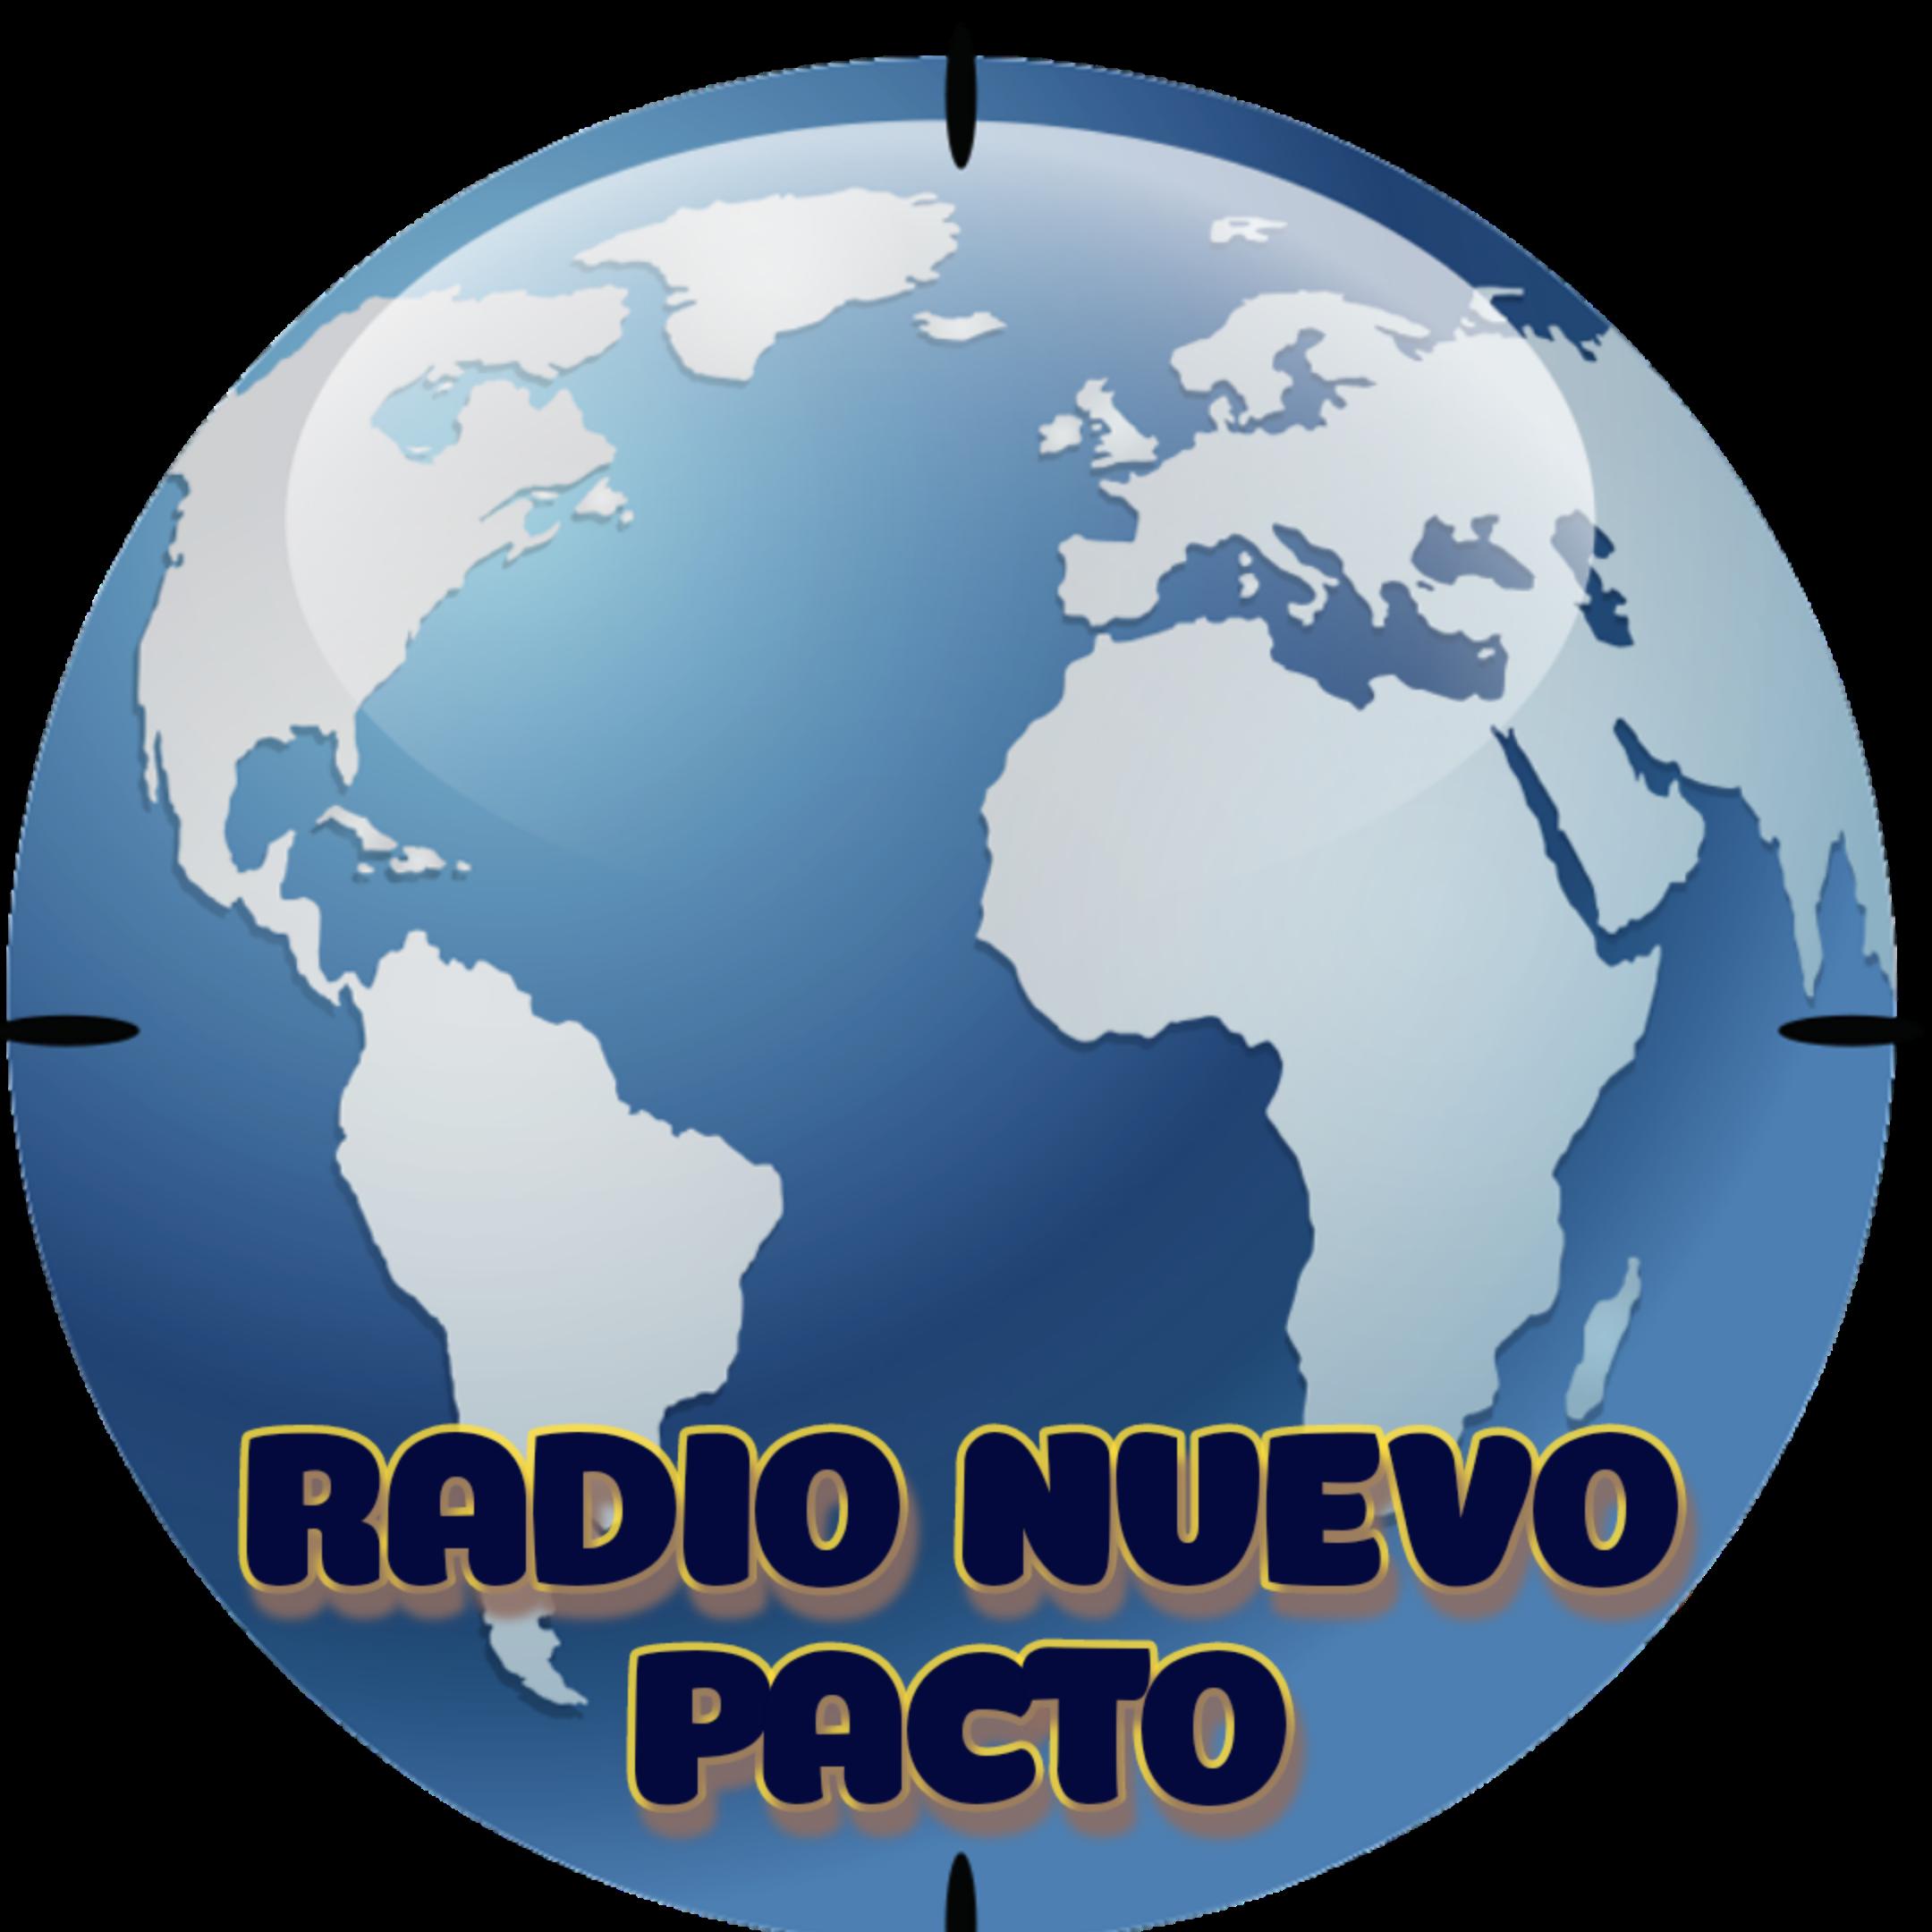 Radio Nuevo Pacto